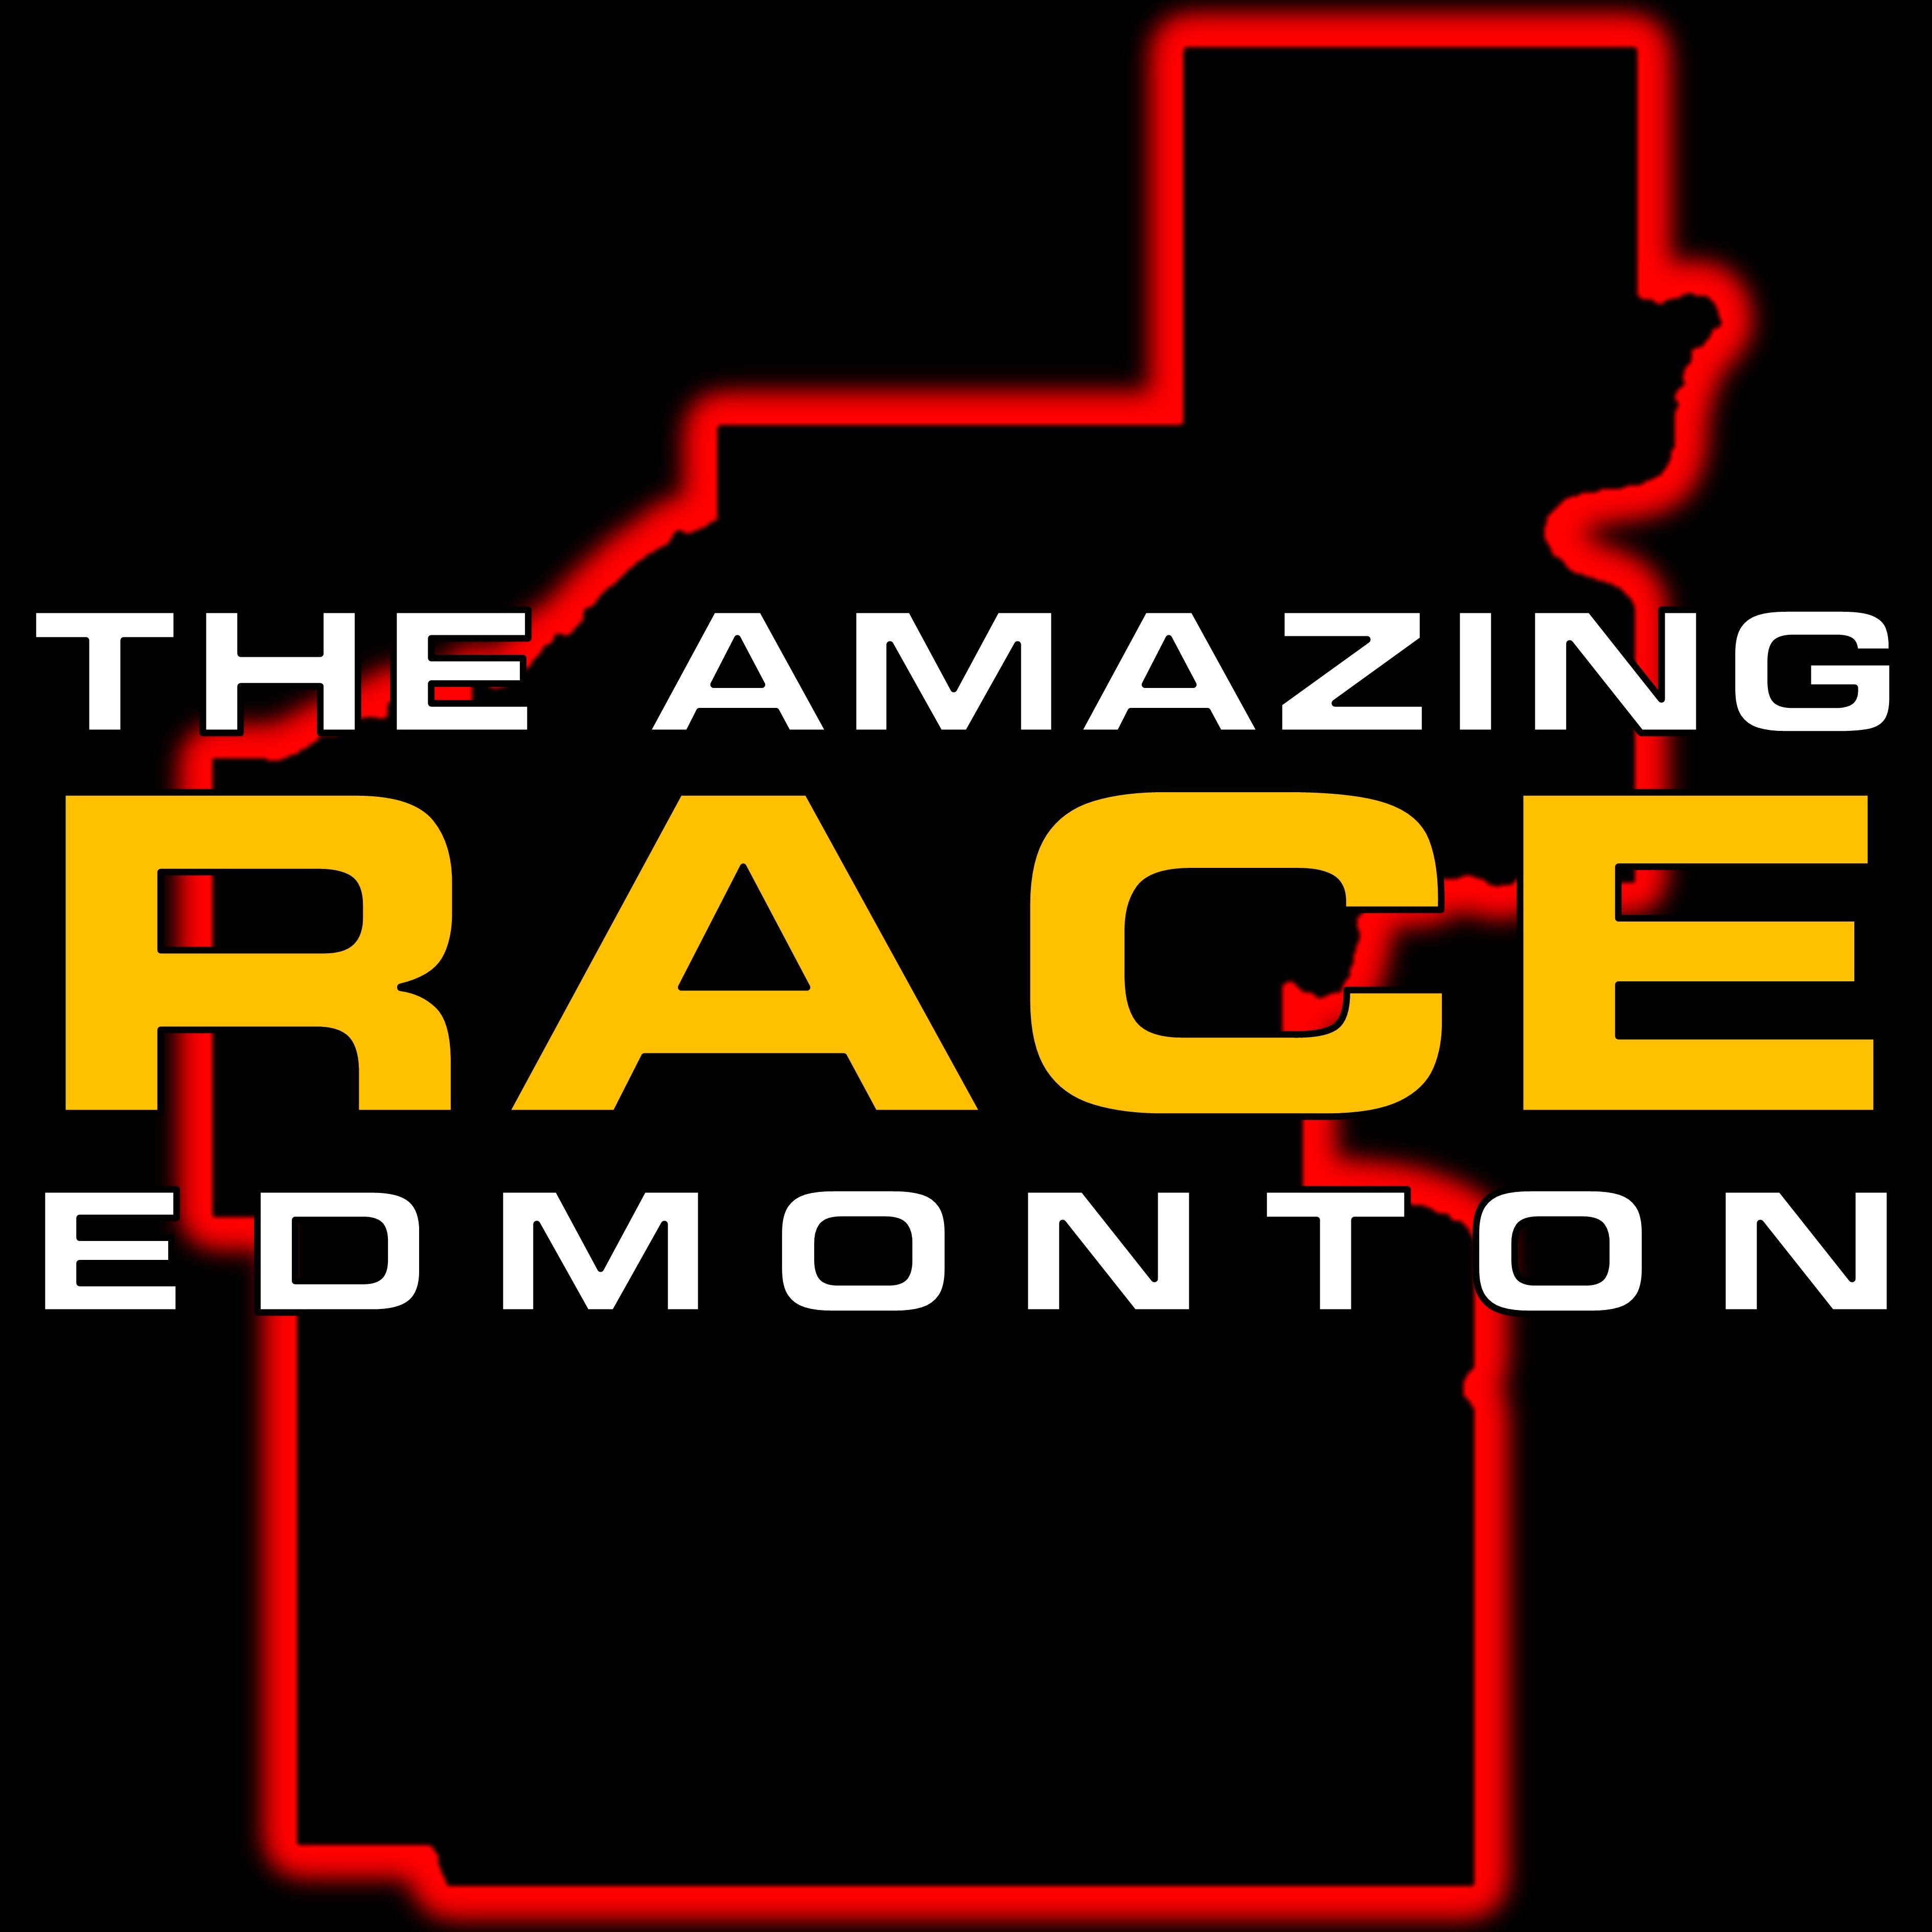 2018 race the amazing race edmonton